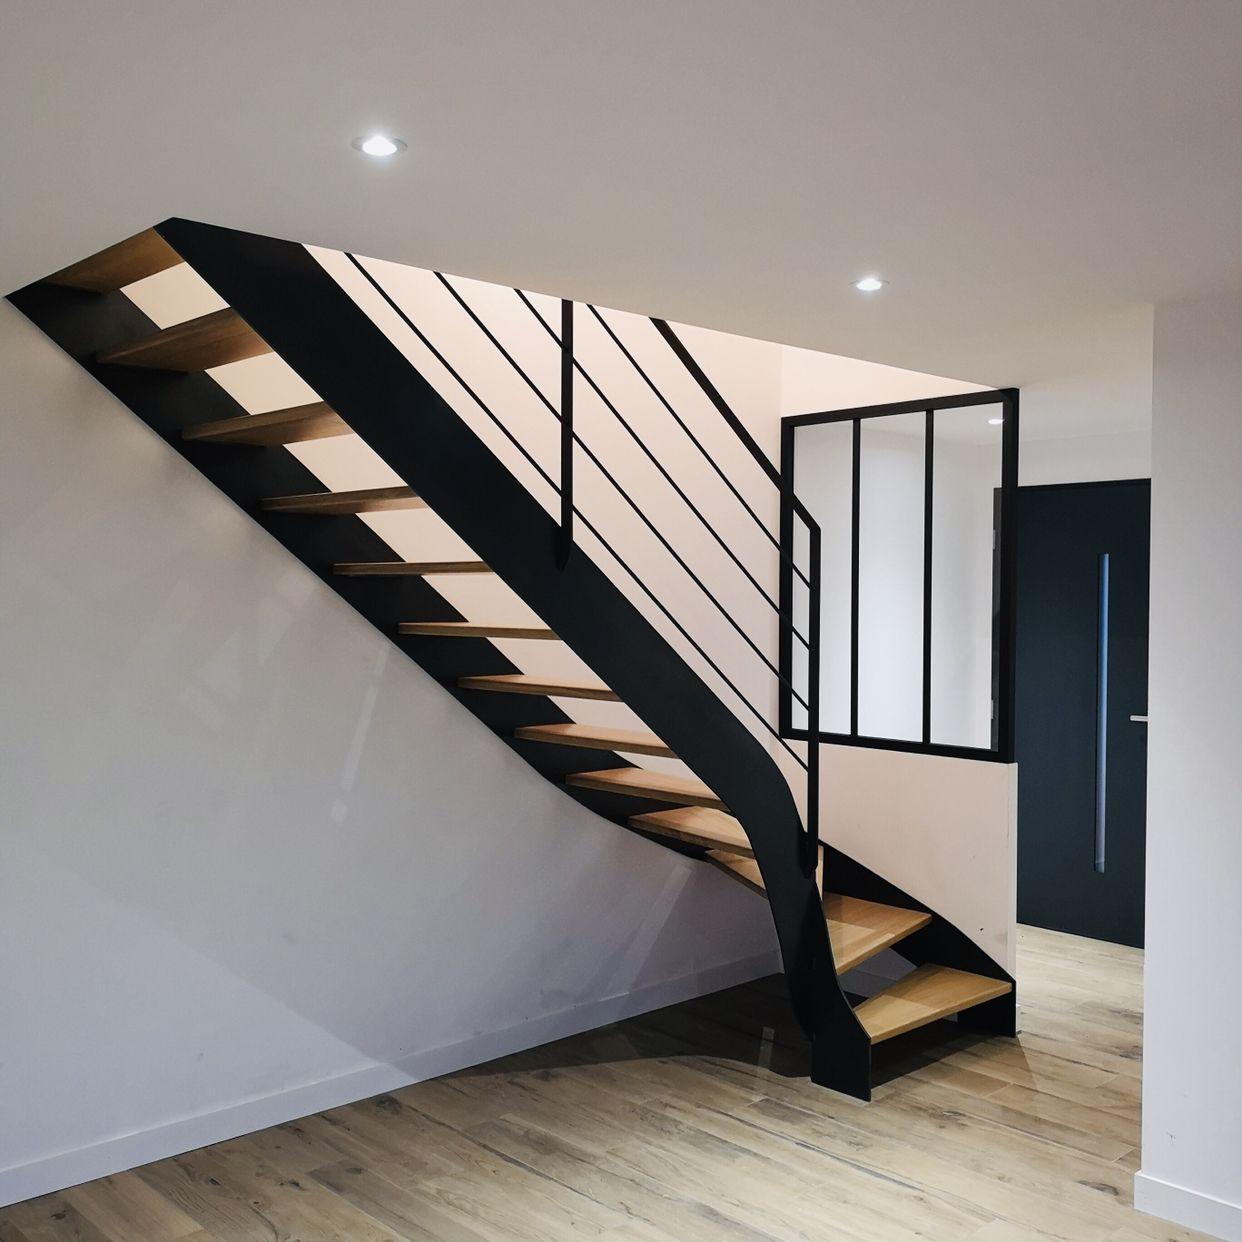 nouvelle r alisation d un escalier quart tournant bois. Black Bedroom Furniture Sets. Home Design Ideas